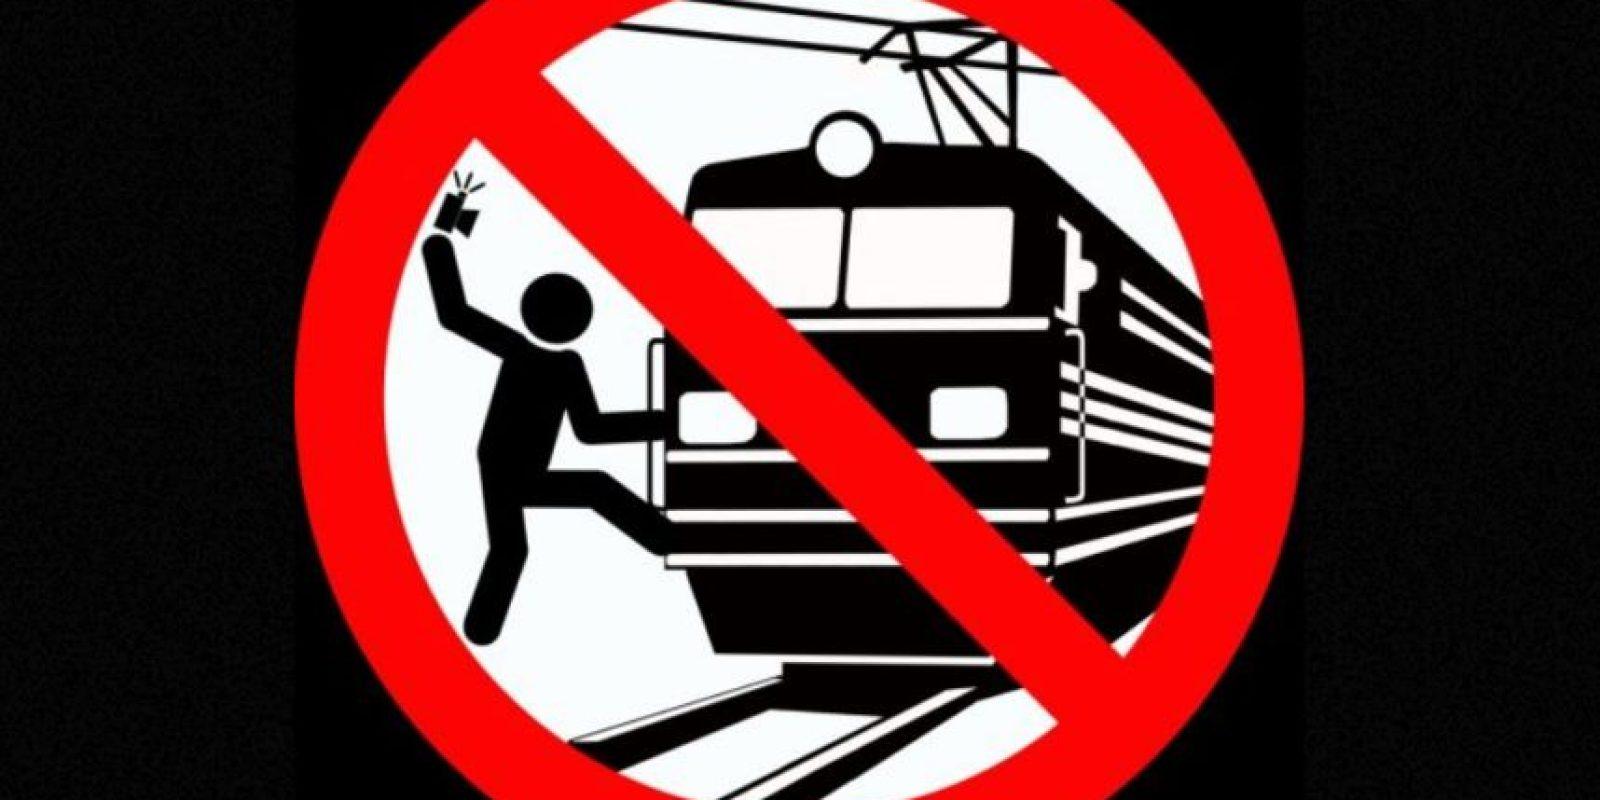 No tomarse selfies sujetados de un tren. Foto:vía mvd.ru